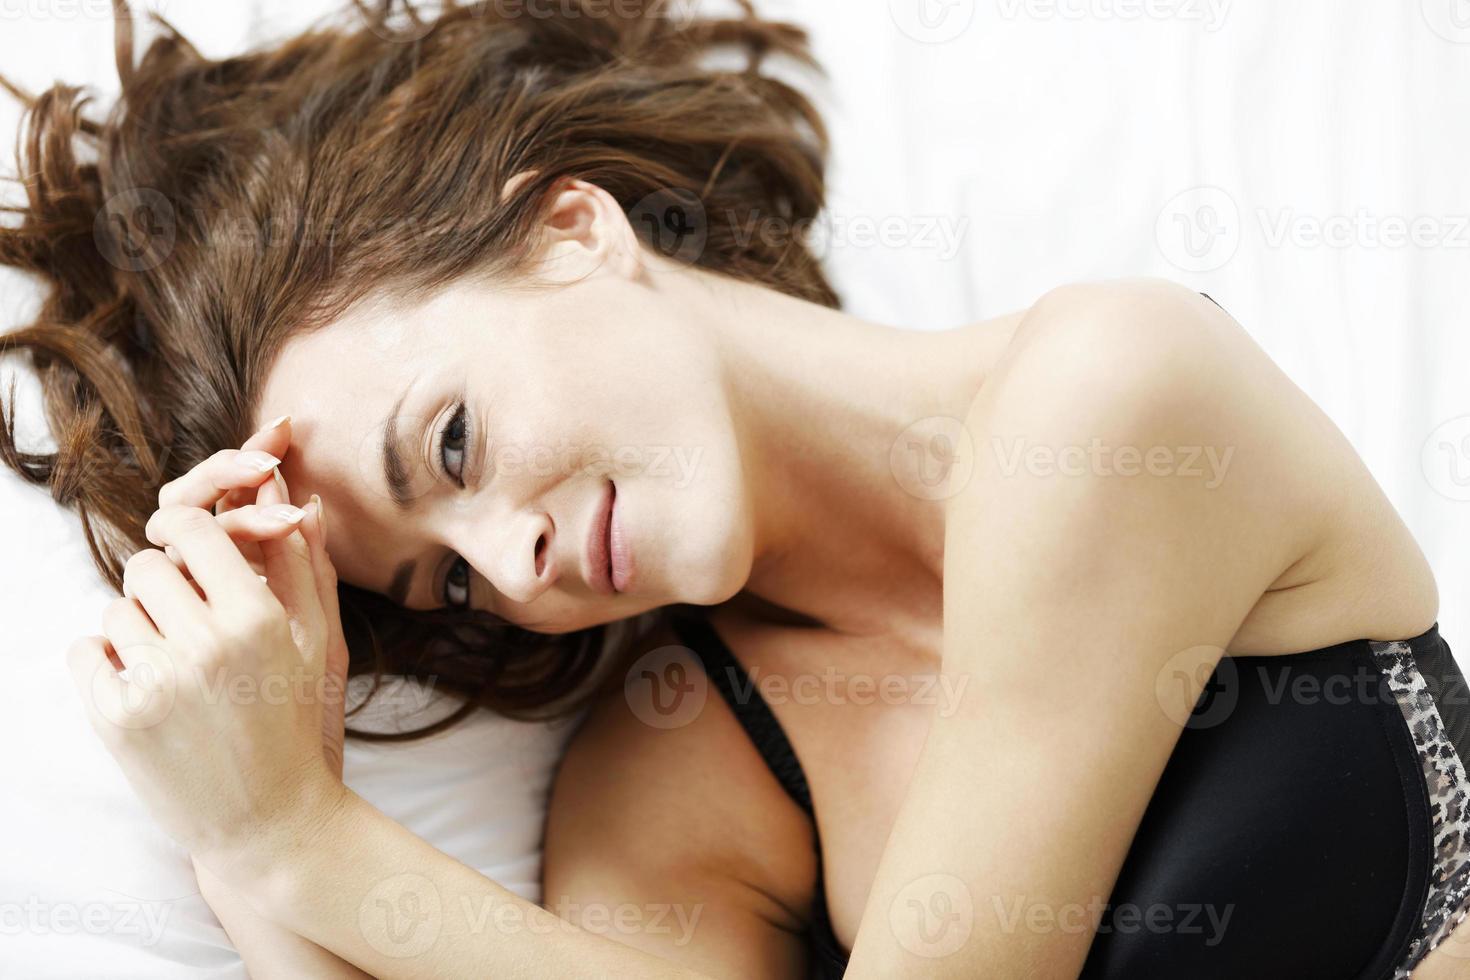 femme allongée sur son lit photo